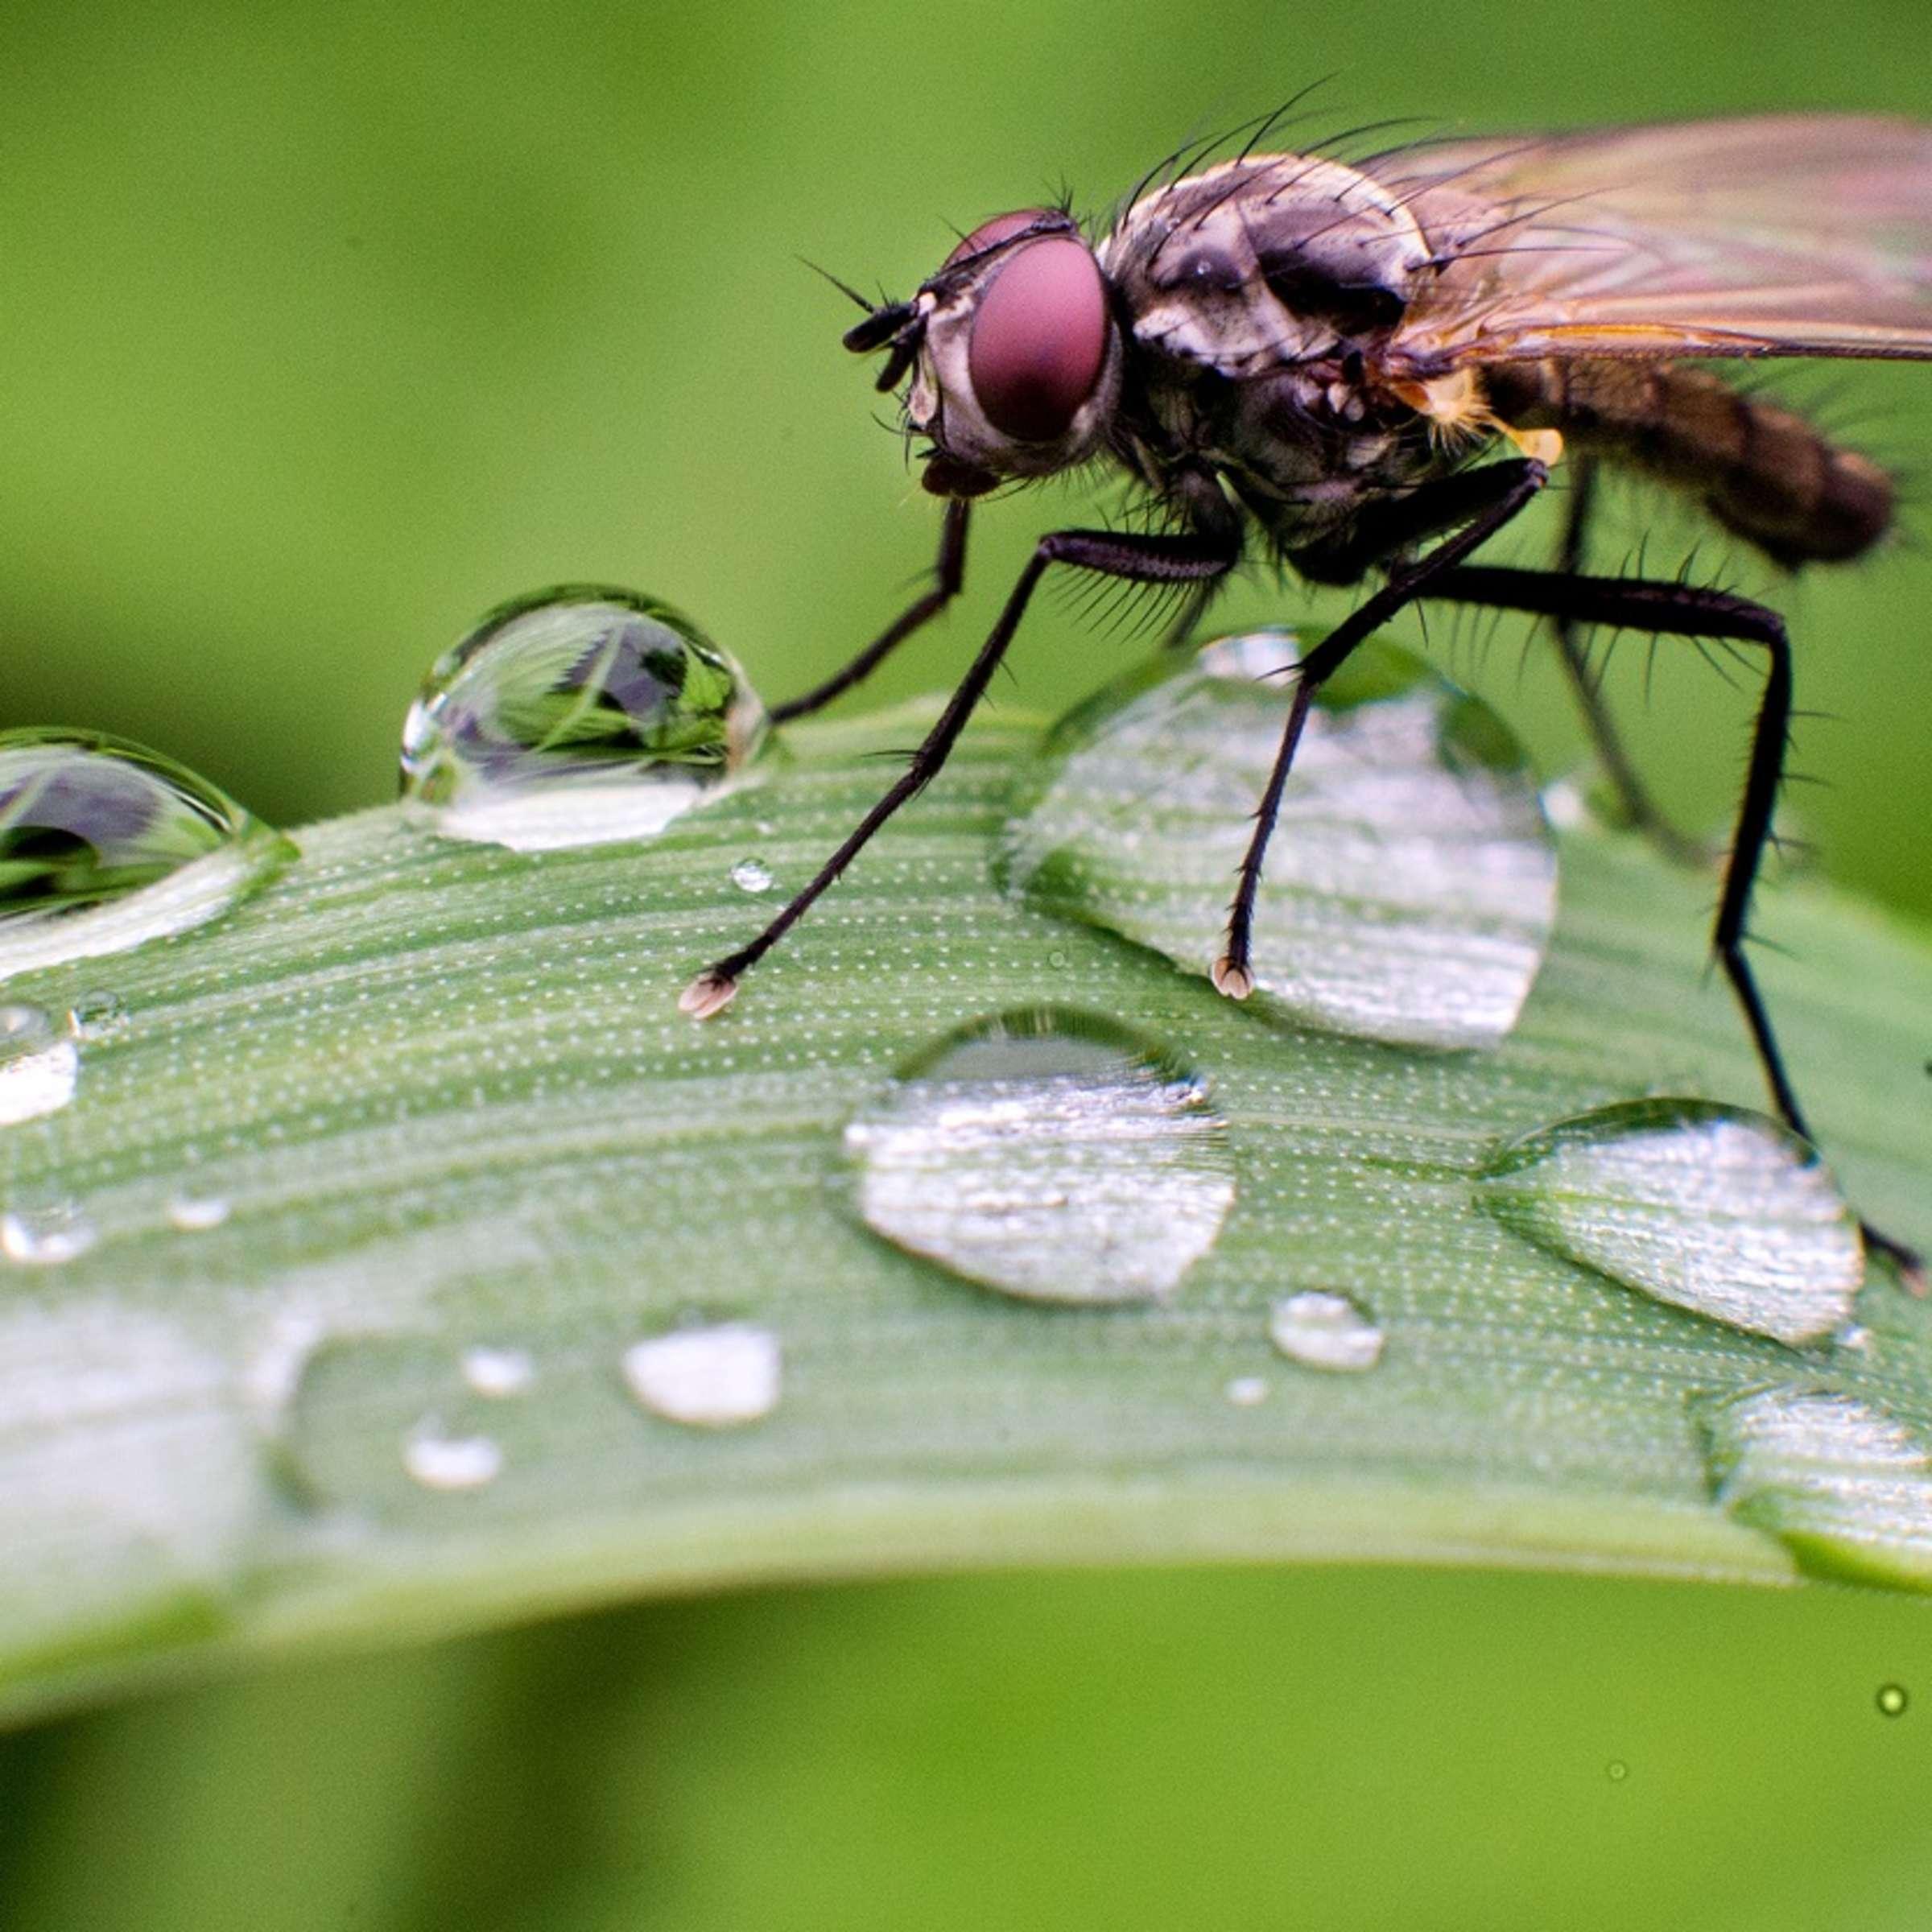 Fliegen vertreiben ohne viel Aufwand - dieser Trick könnte die